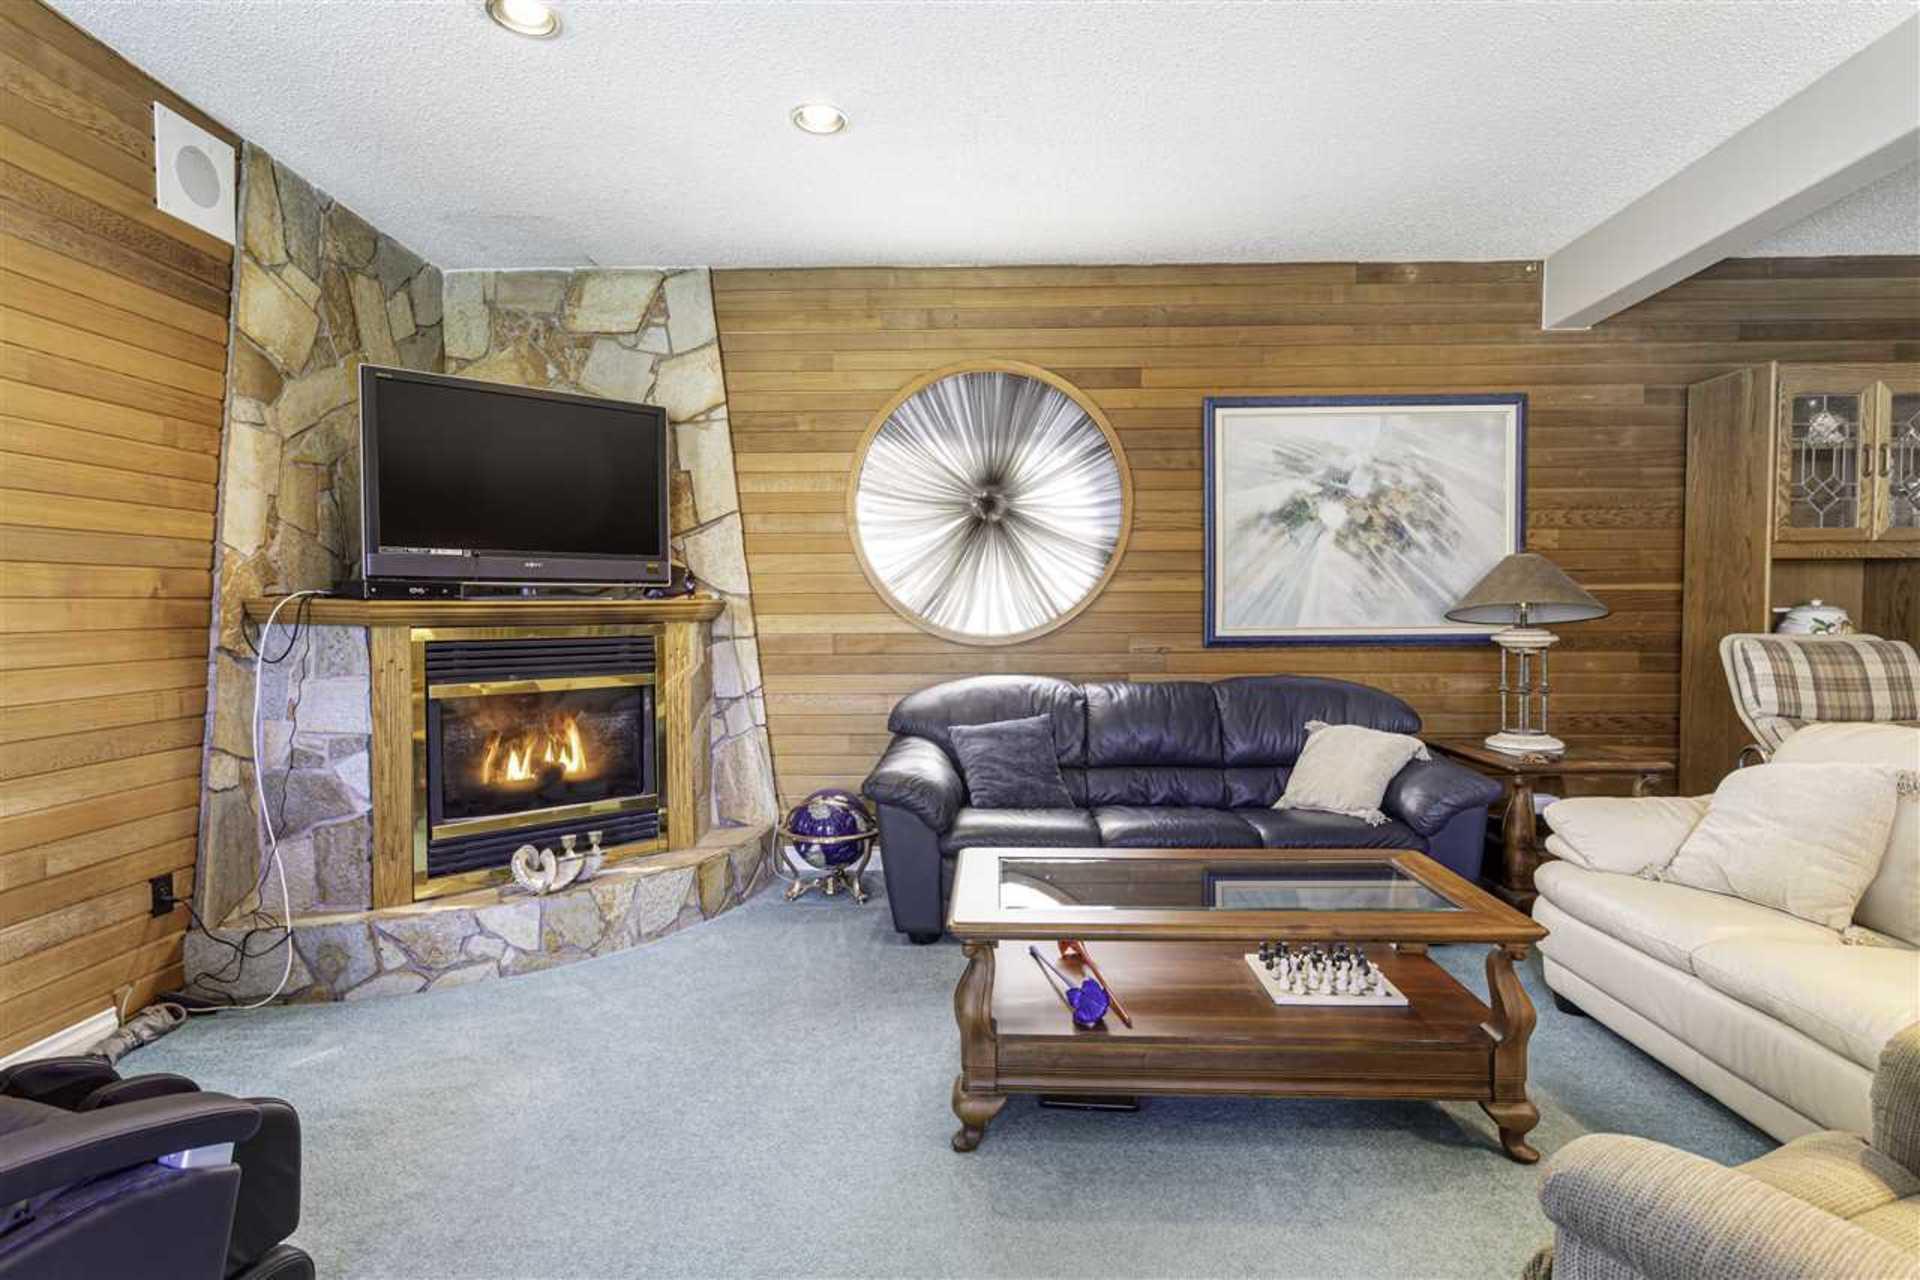 1200-cottonwood-avenue-central-coquitlam-coquitlam-15 at 1200 Cottonwood Avenue, Central Coquitlam, Coquitlam